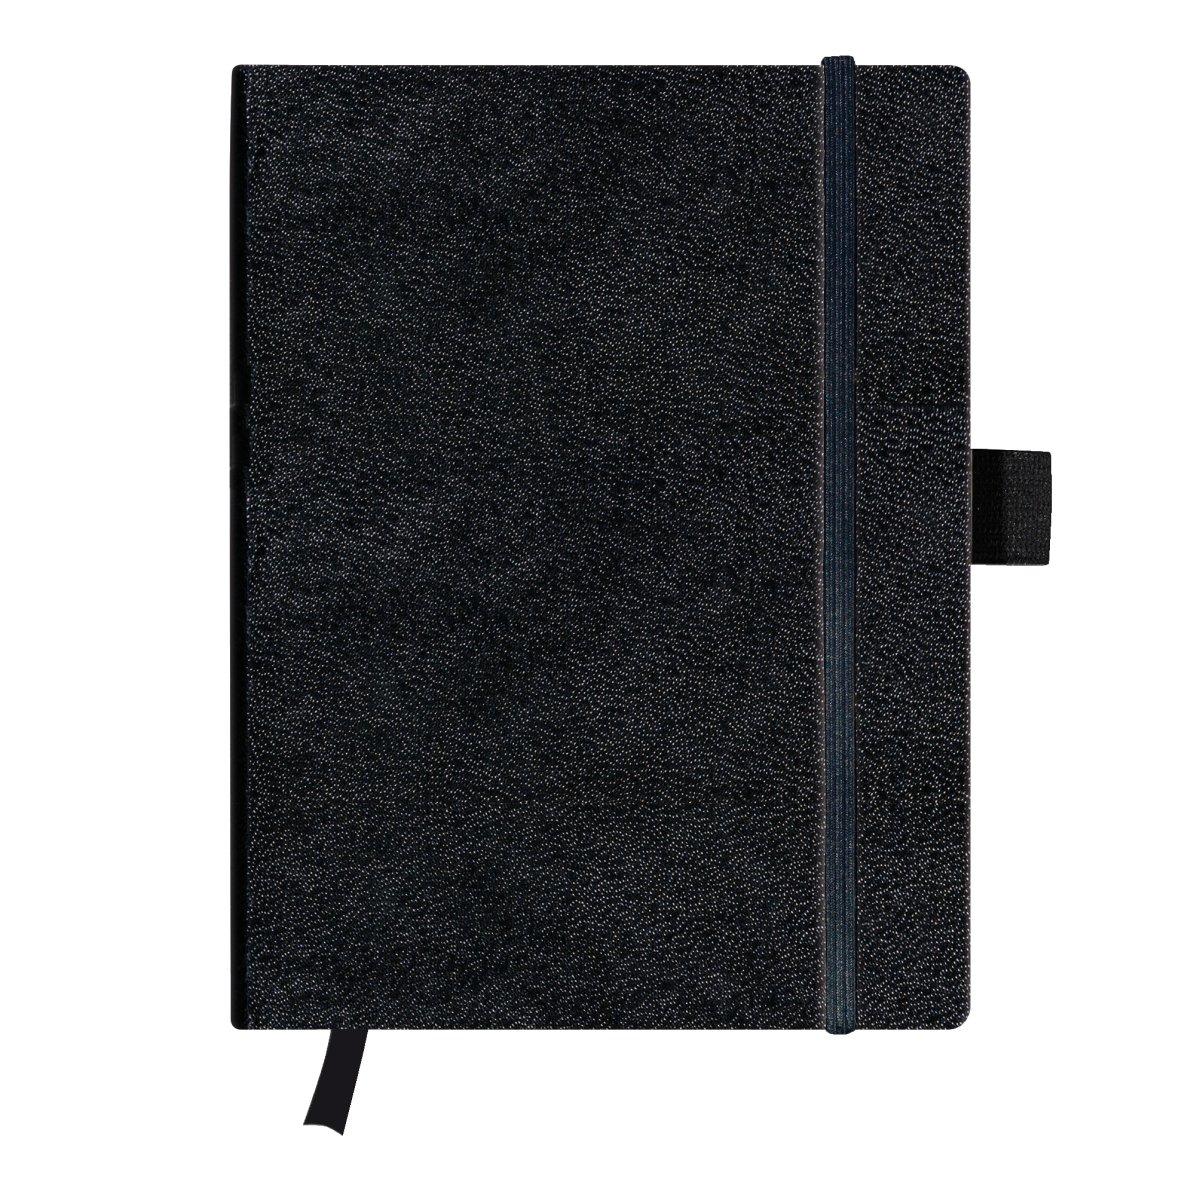 Herlitz 11155843 - Einfarbig - Schwarz - 96 Blätter - 80 g/m² - Kariertes Papier - Universal